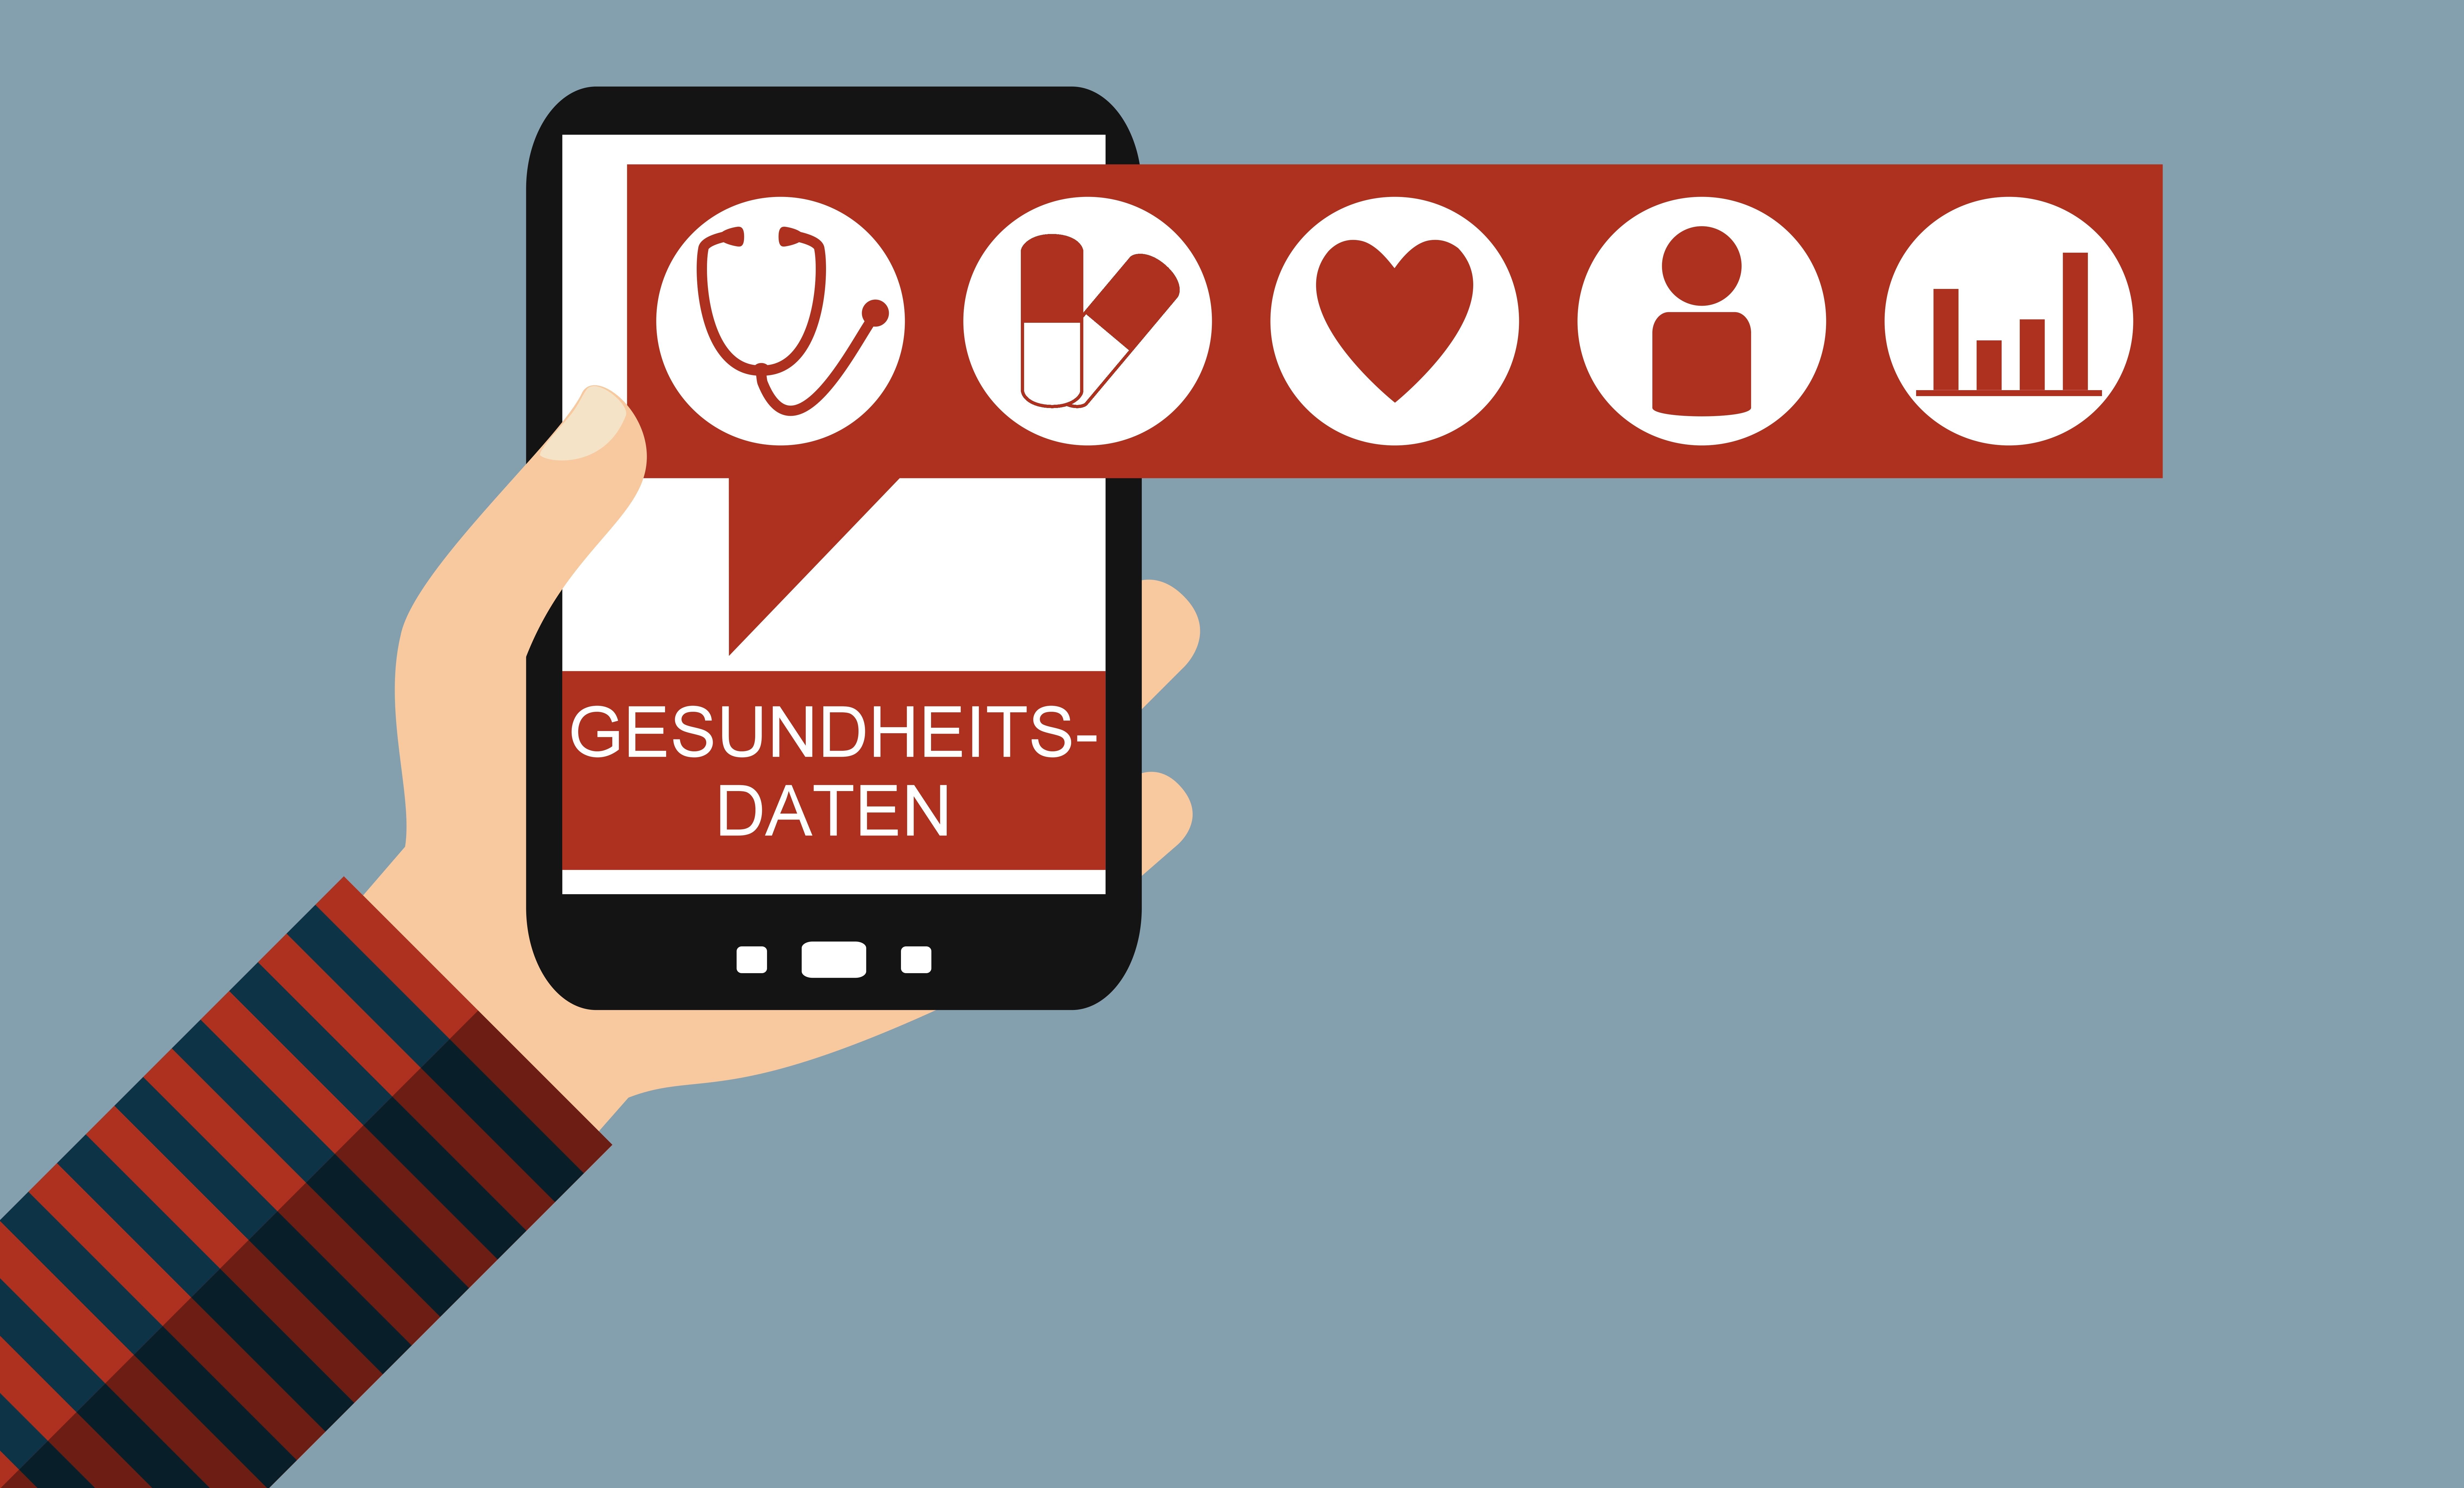 Stellungnahme der AG MedReha SGB IX zum Patientendatenschutzgesetz (PDSG)